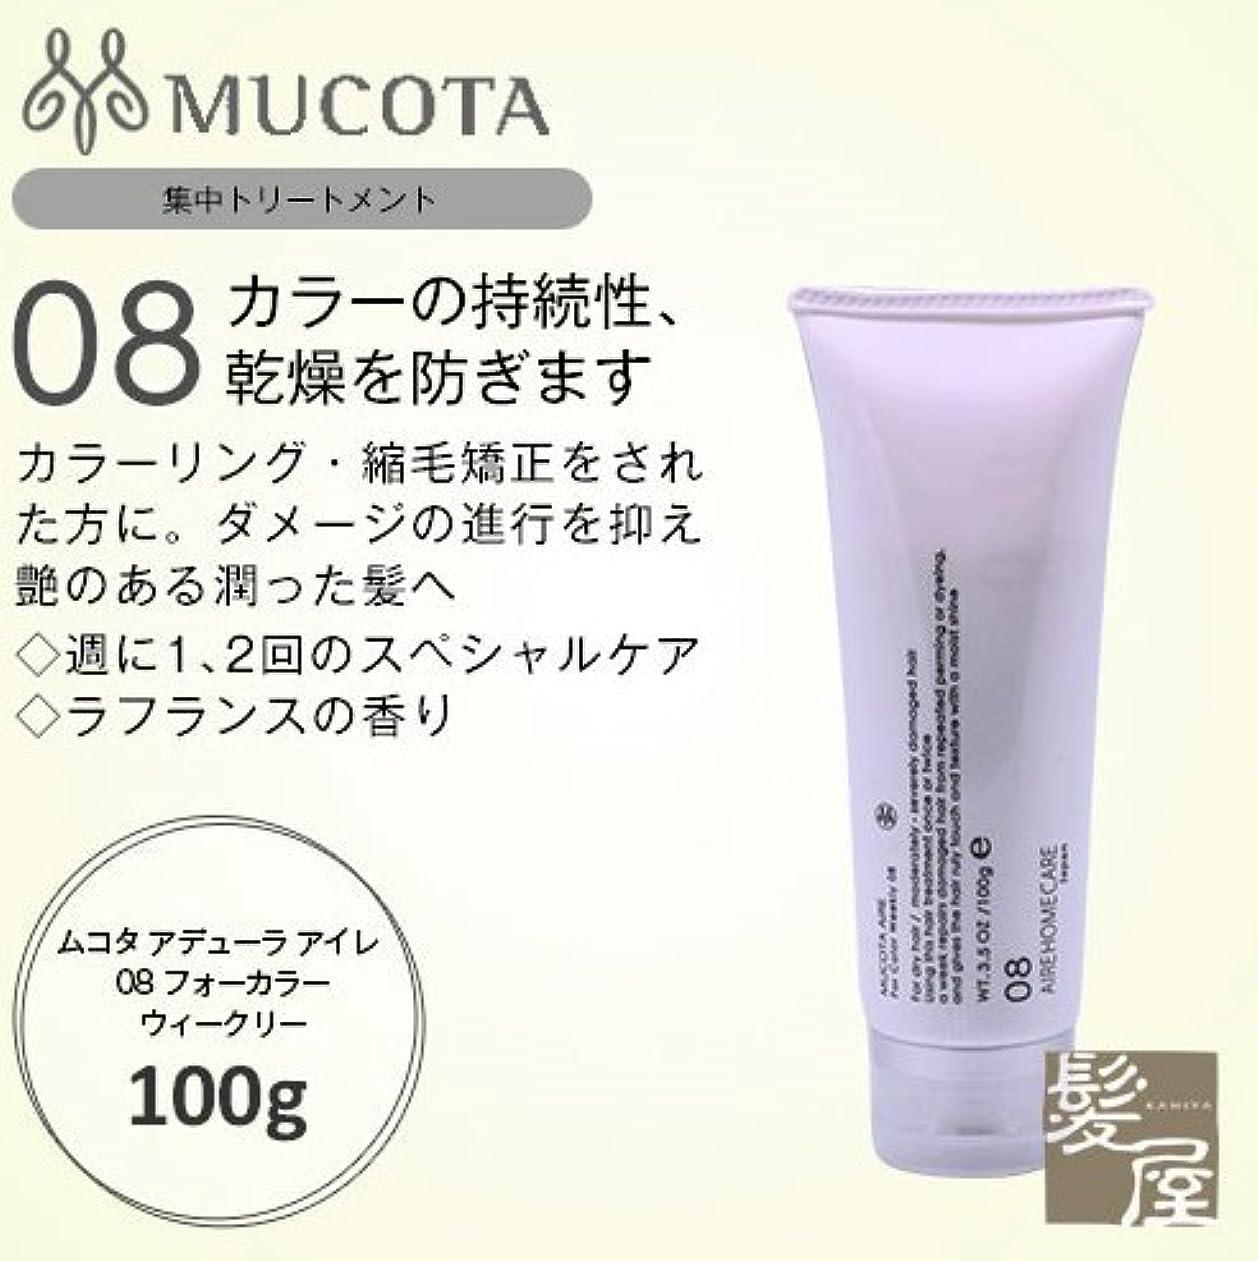 昇進予言する疎外するムコタ アデューラ アイレ08 フォー カラー ウィークリー 100g